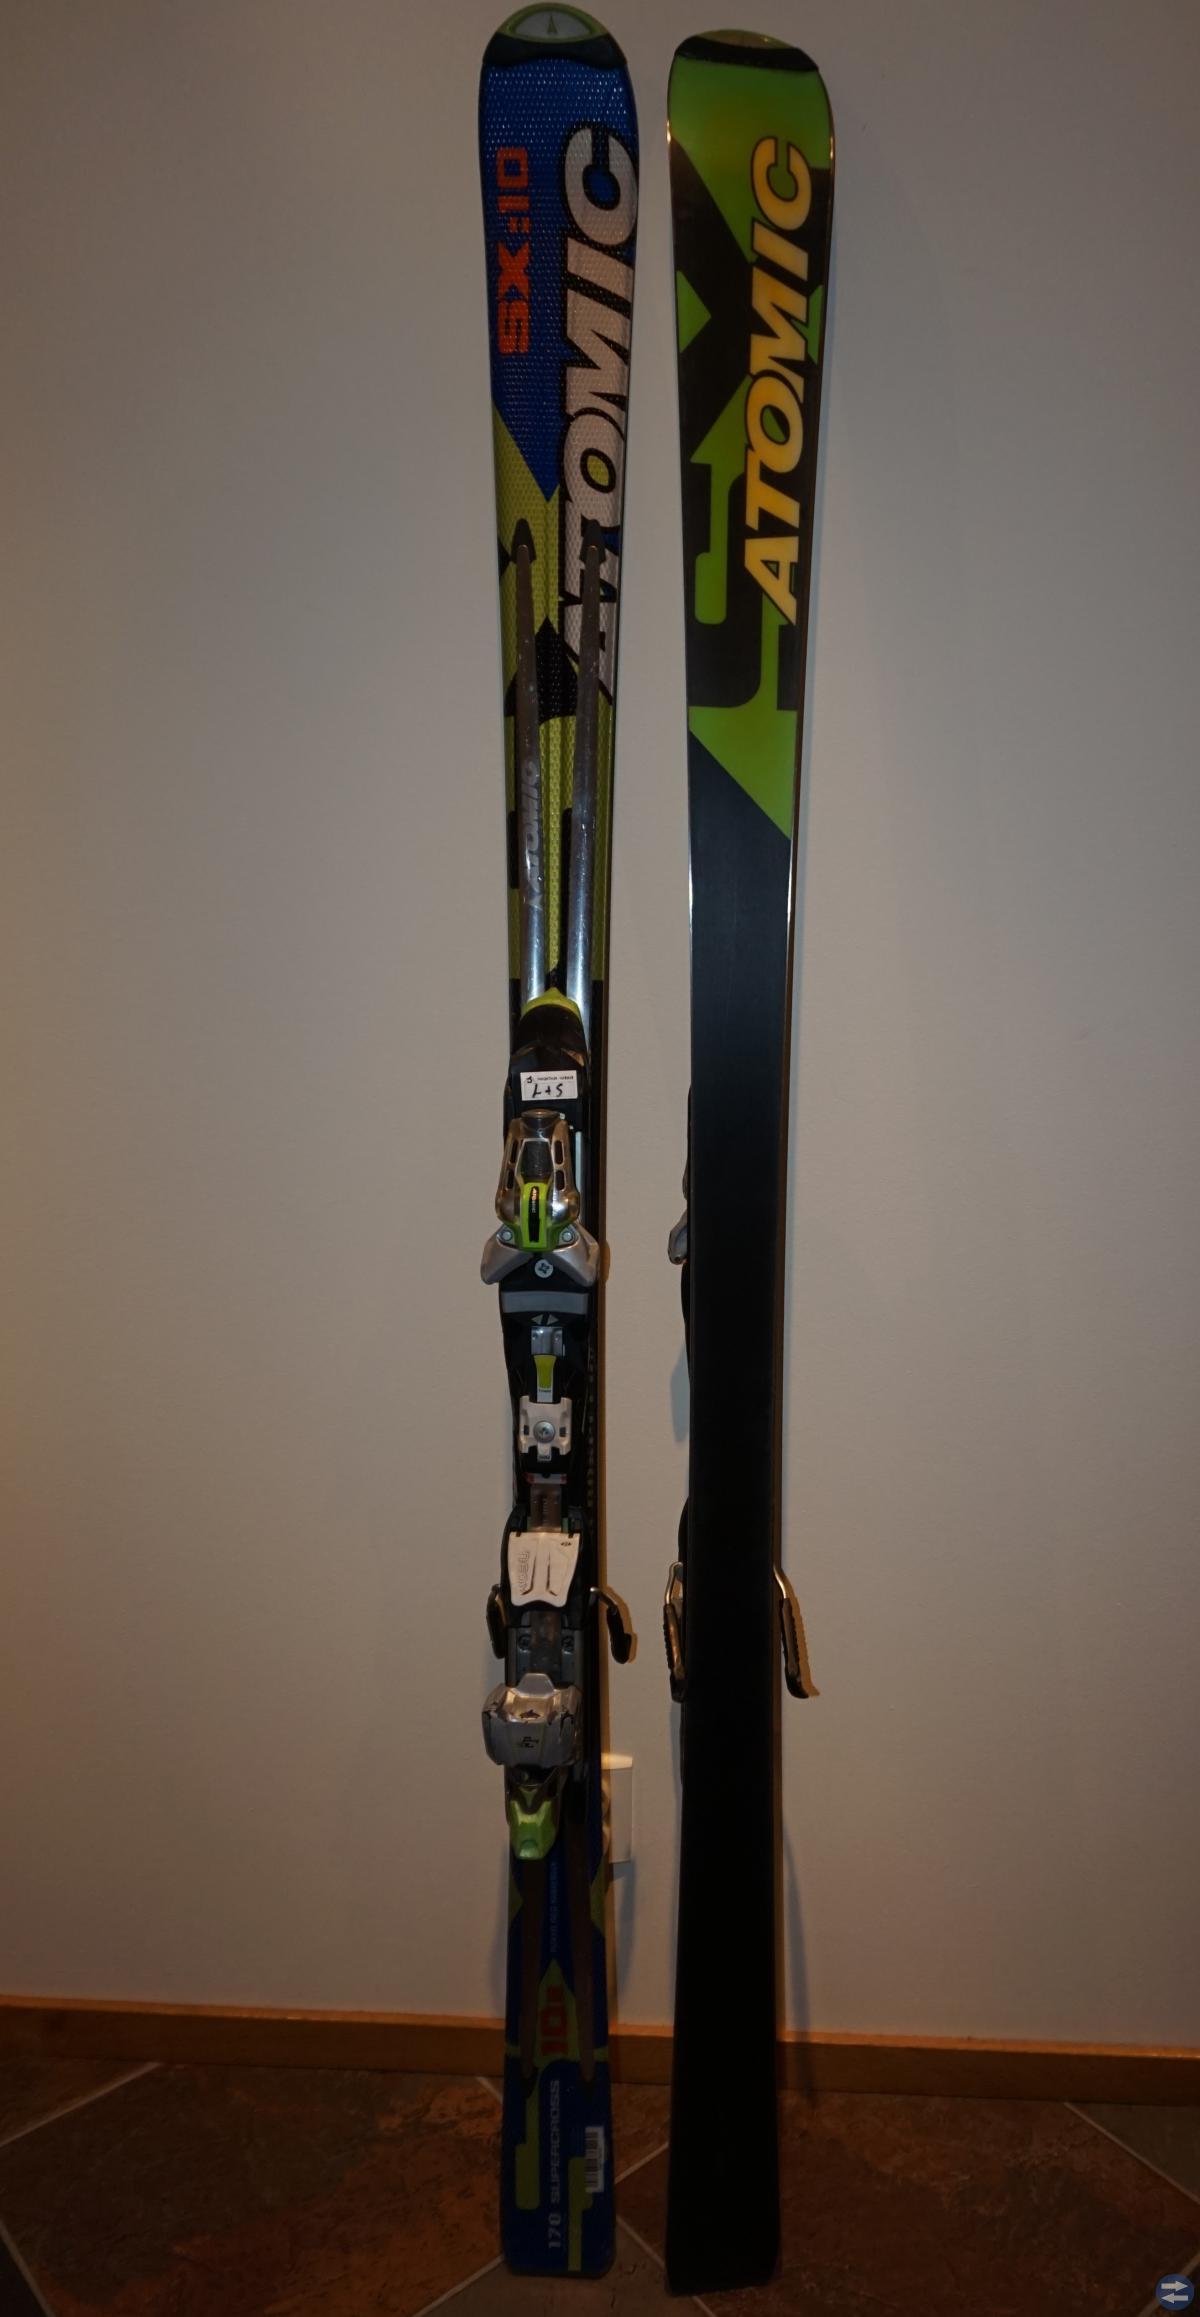 Slalomskidor / Slalompjäxor